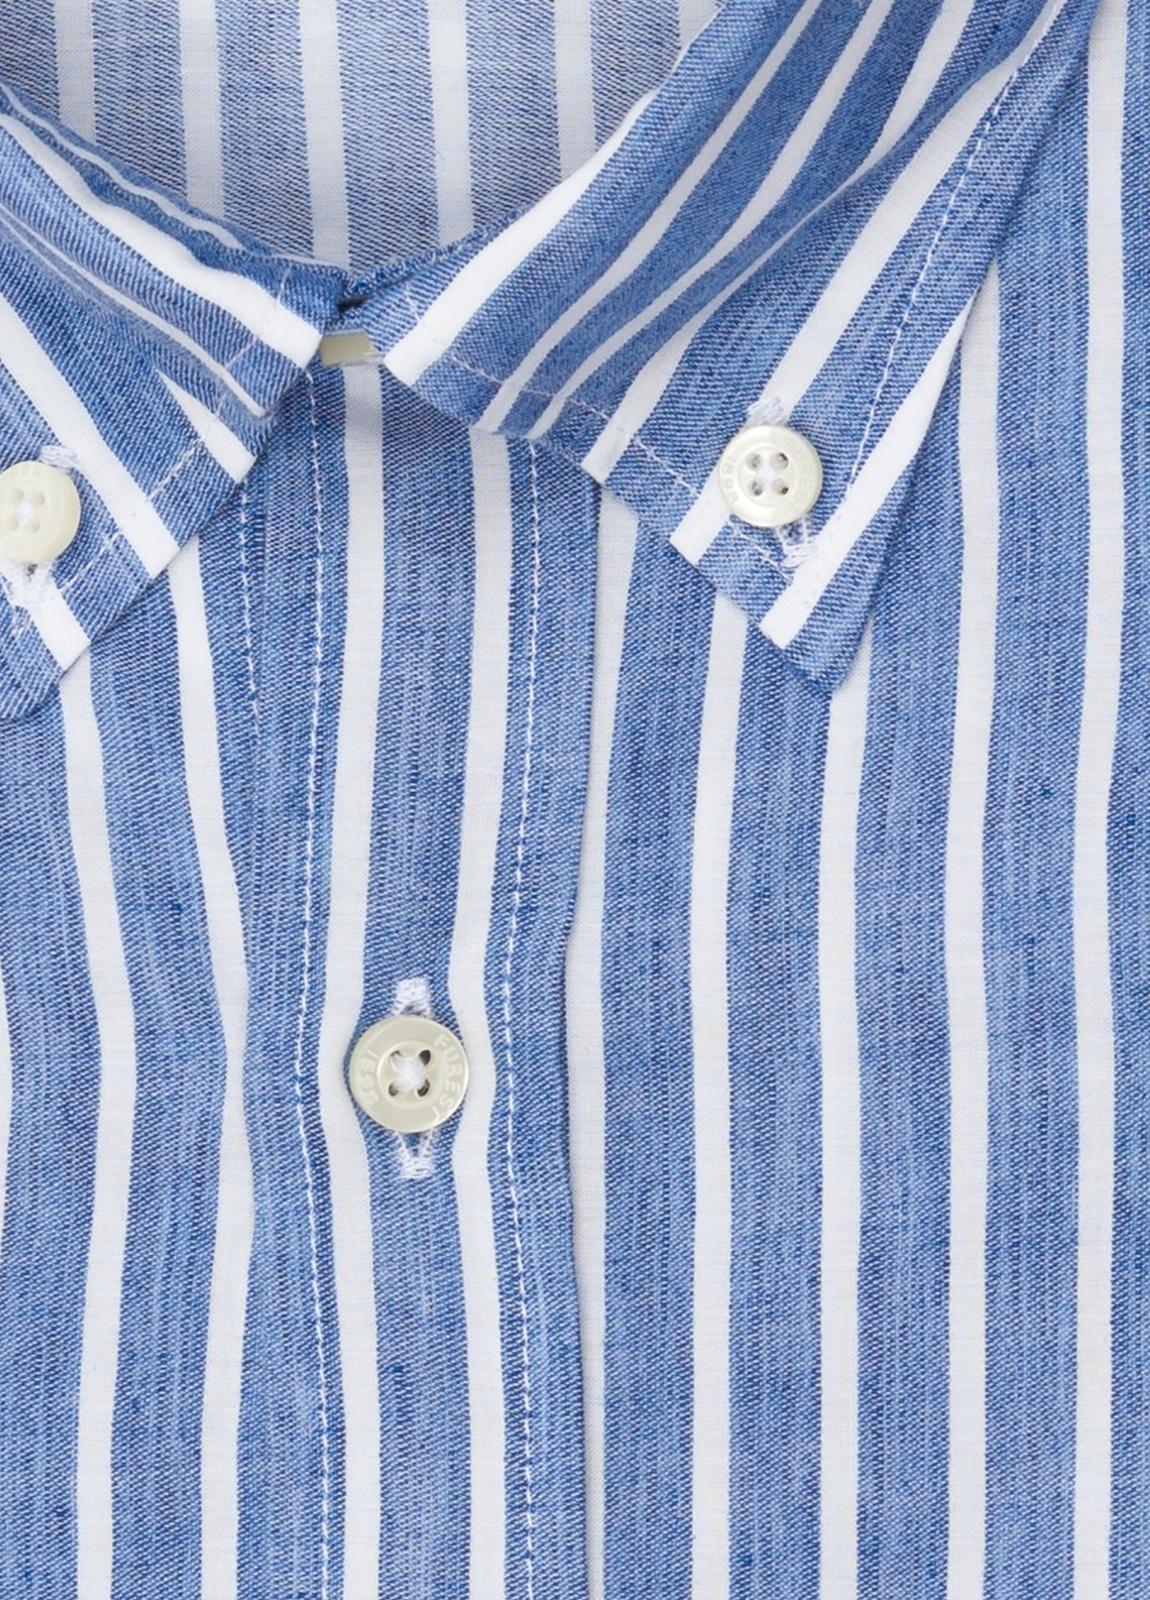 Camisa sport FUREST COLECCIÓN REGULAR FIT rayas azul - Ítem2